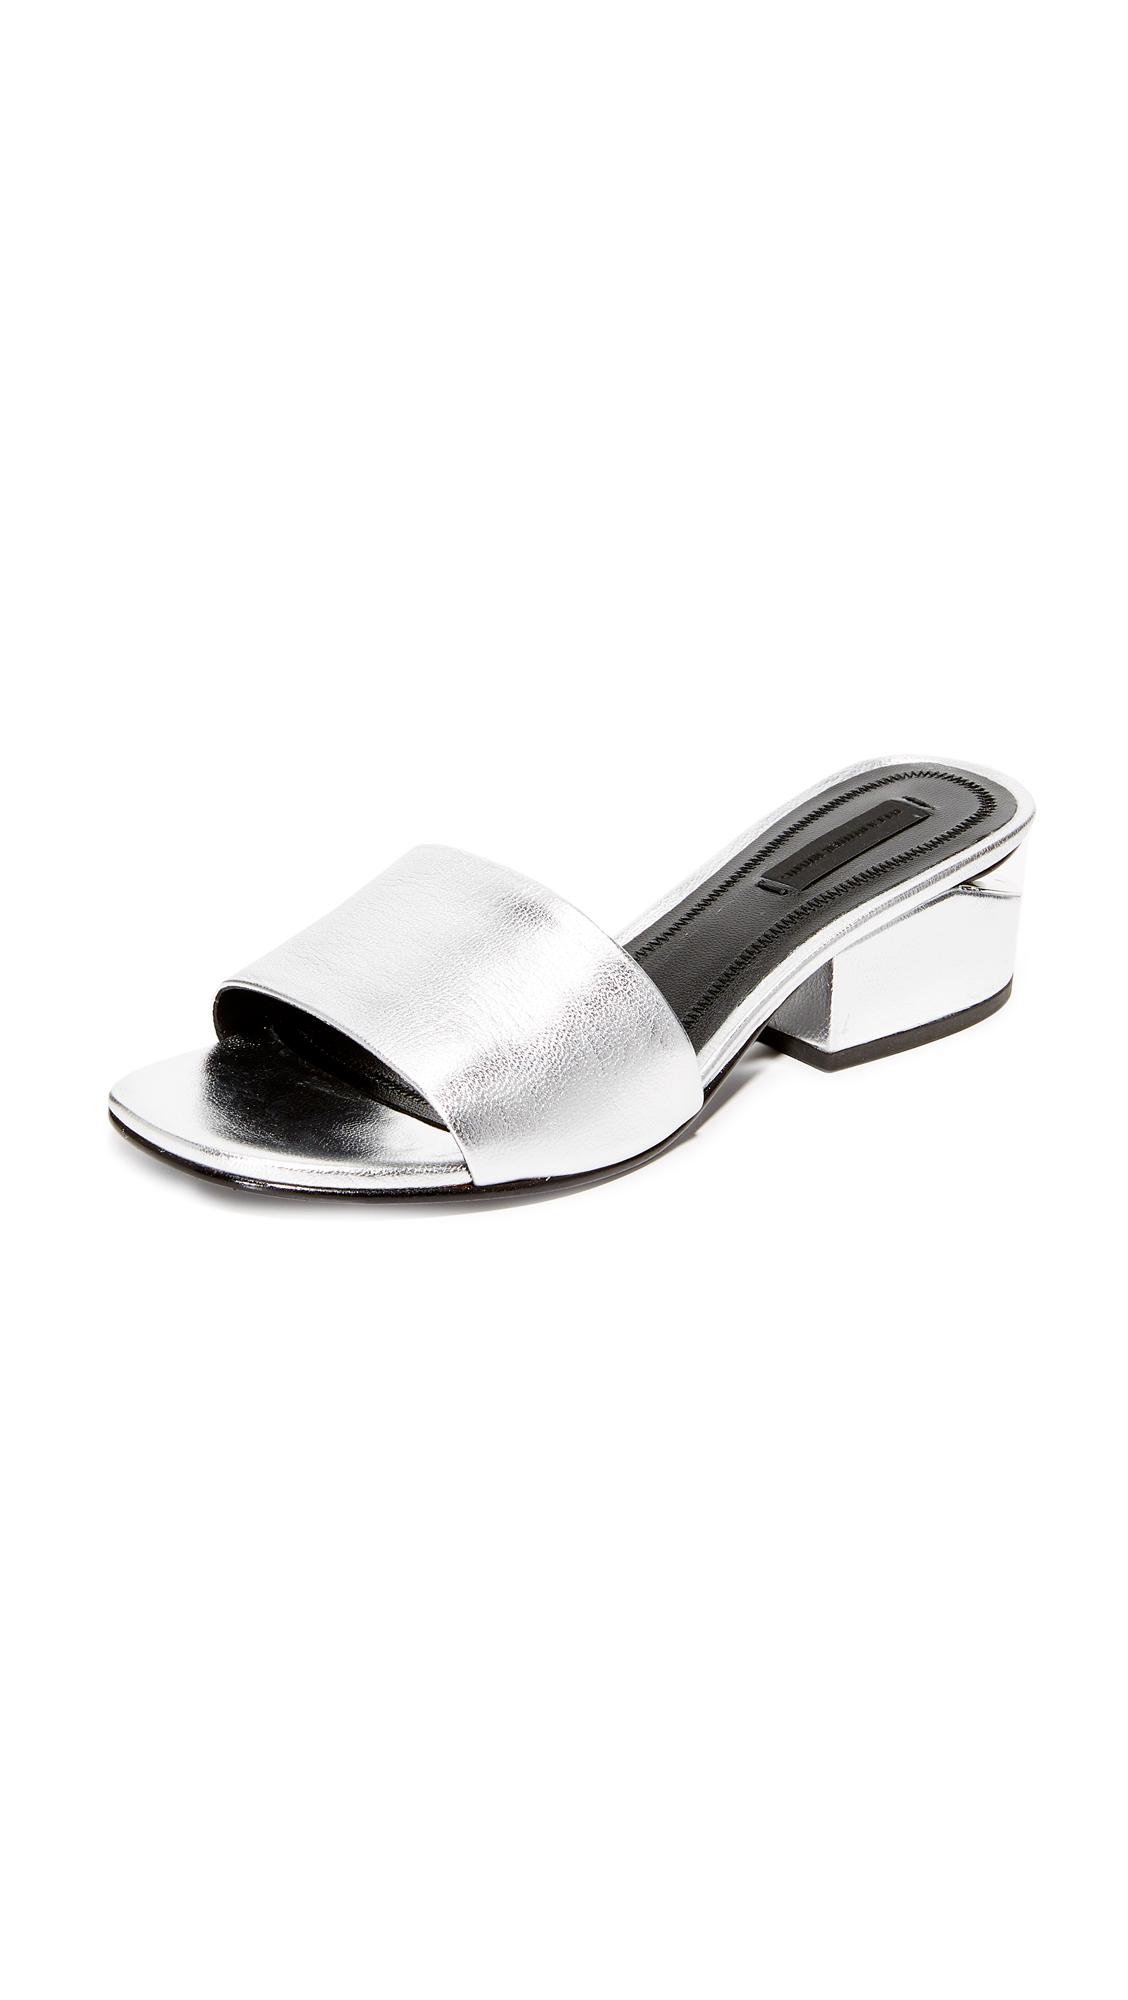 Alexander Wang Lou Mules - Silver/Rhodium at Shopbop